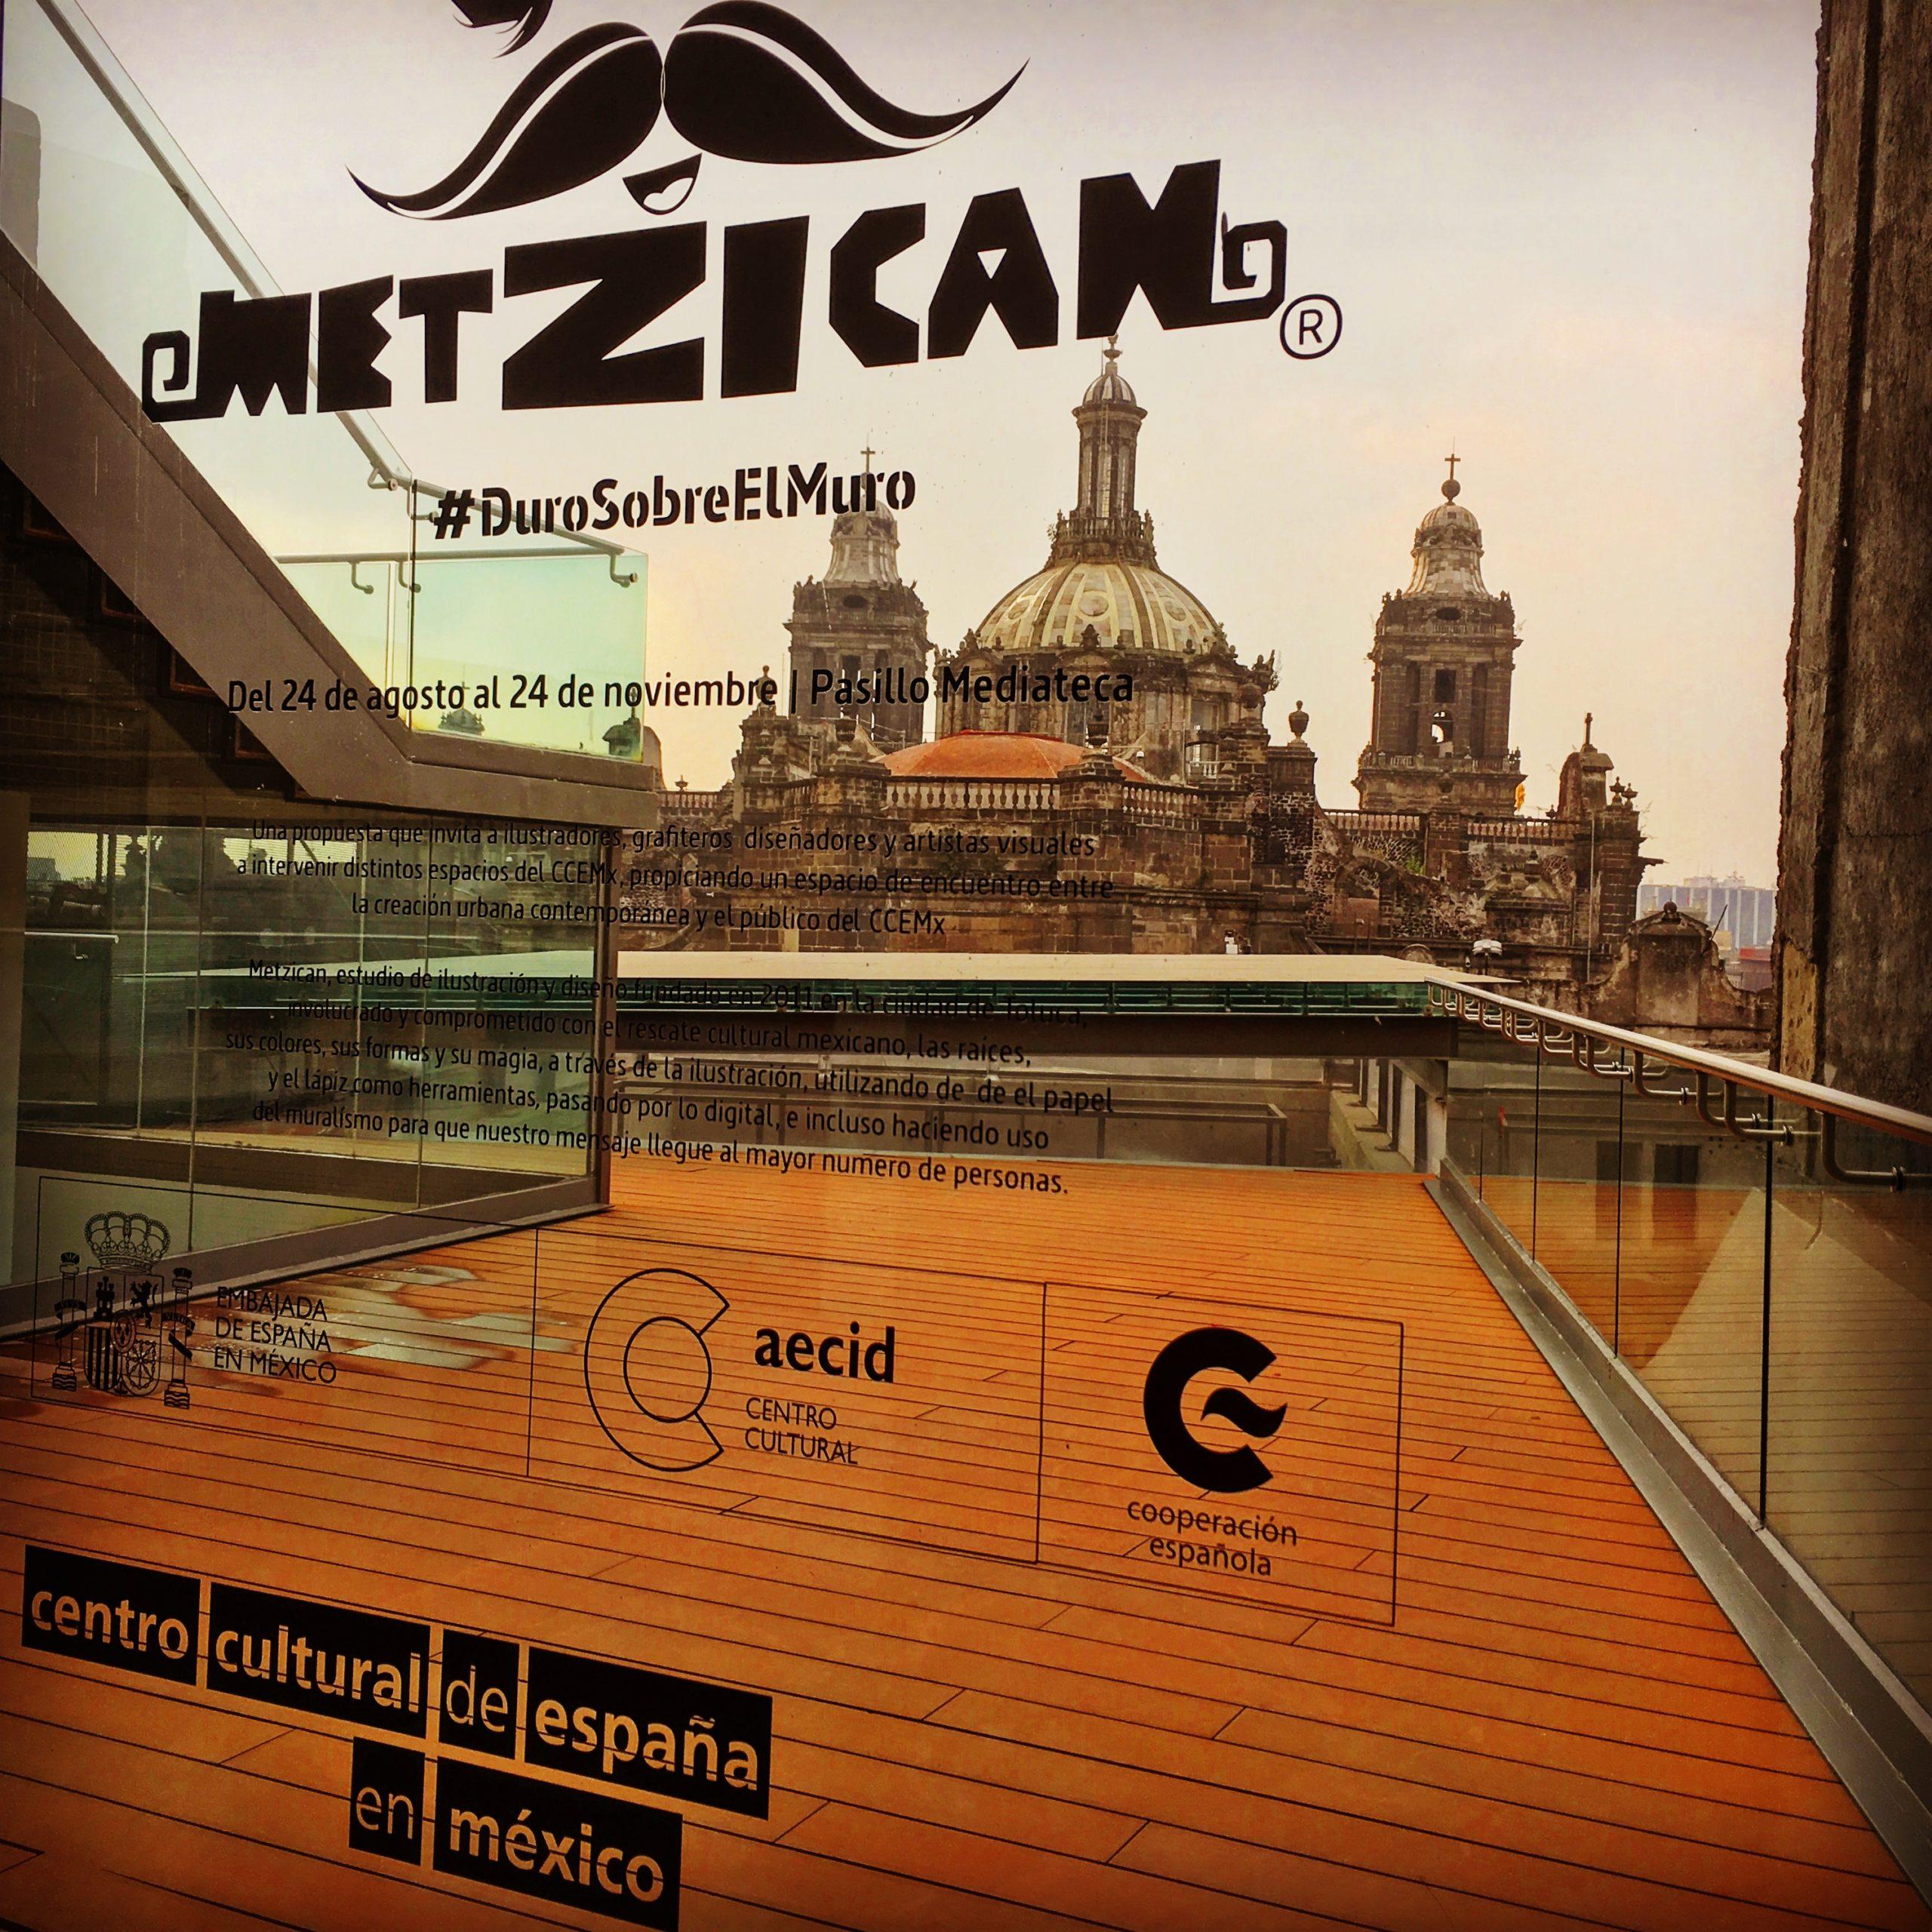 Taller en el Centro Cultural de España en Mexico